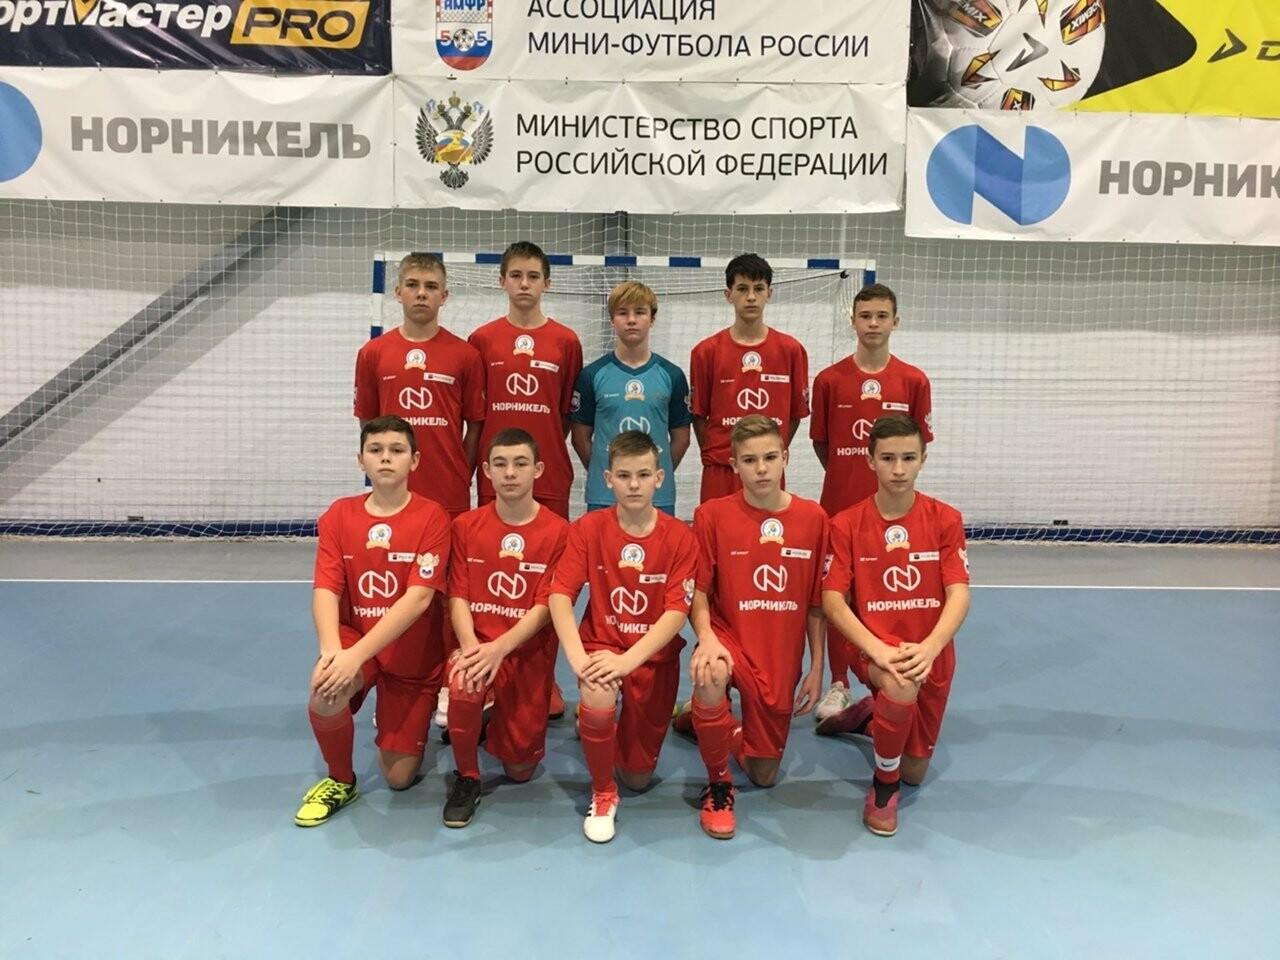 Футболисты из Новошахтинска  стали победителями XVII Всероссийского турнира , фото-1